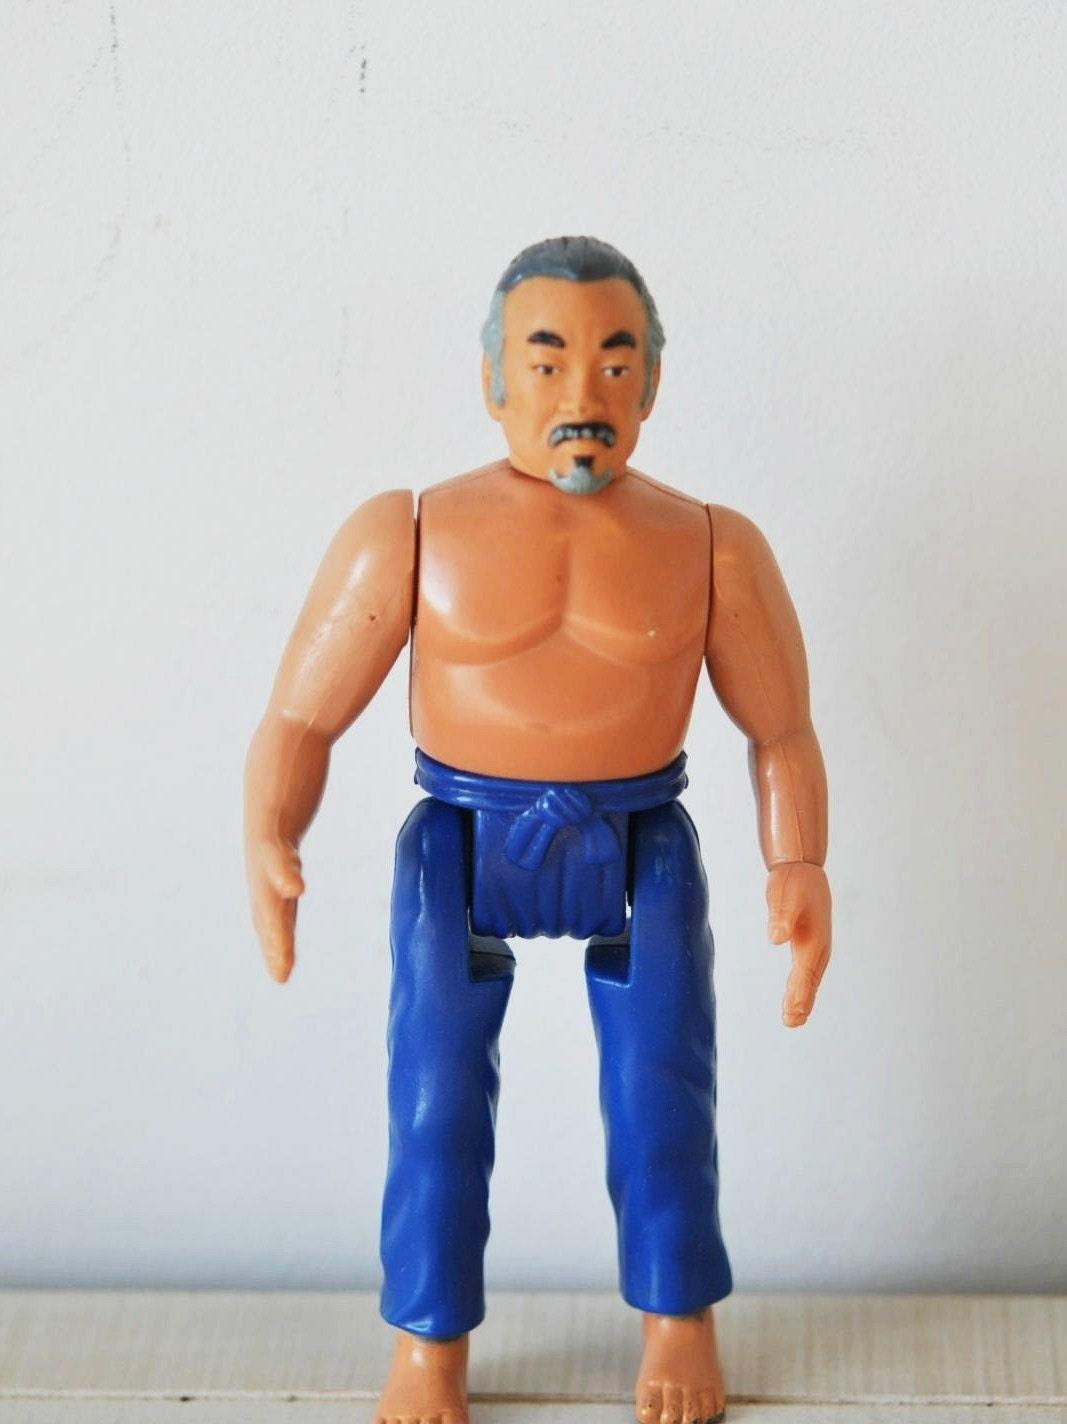 Vintage The Karate Kid Mr Miyagi Action Figurecollectible